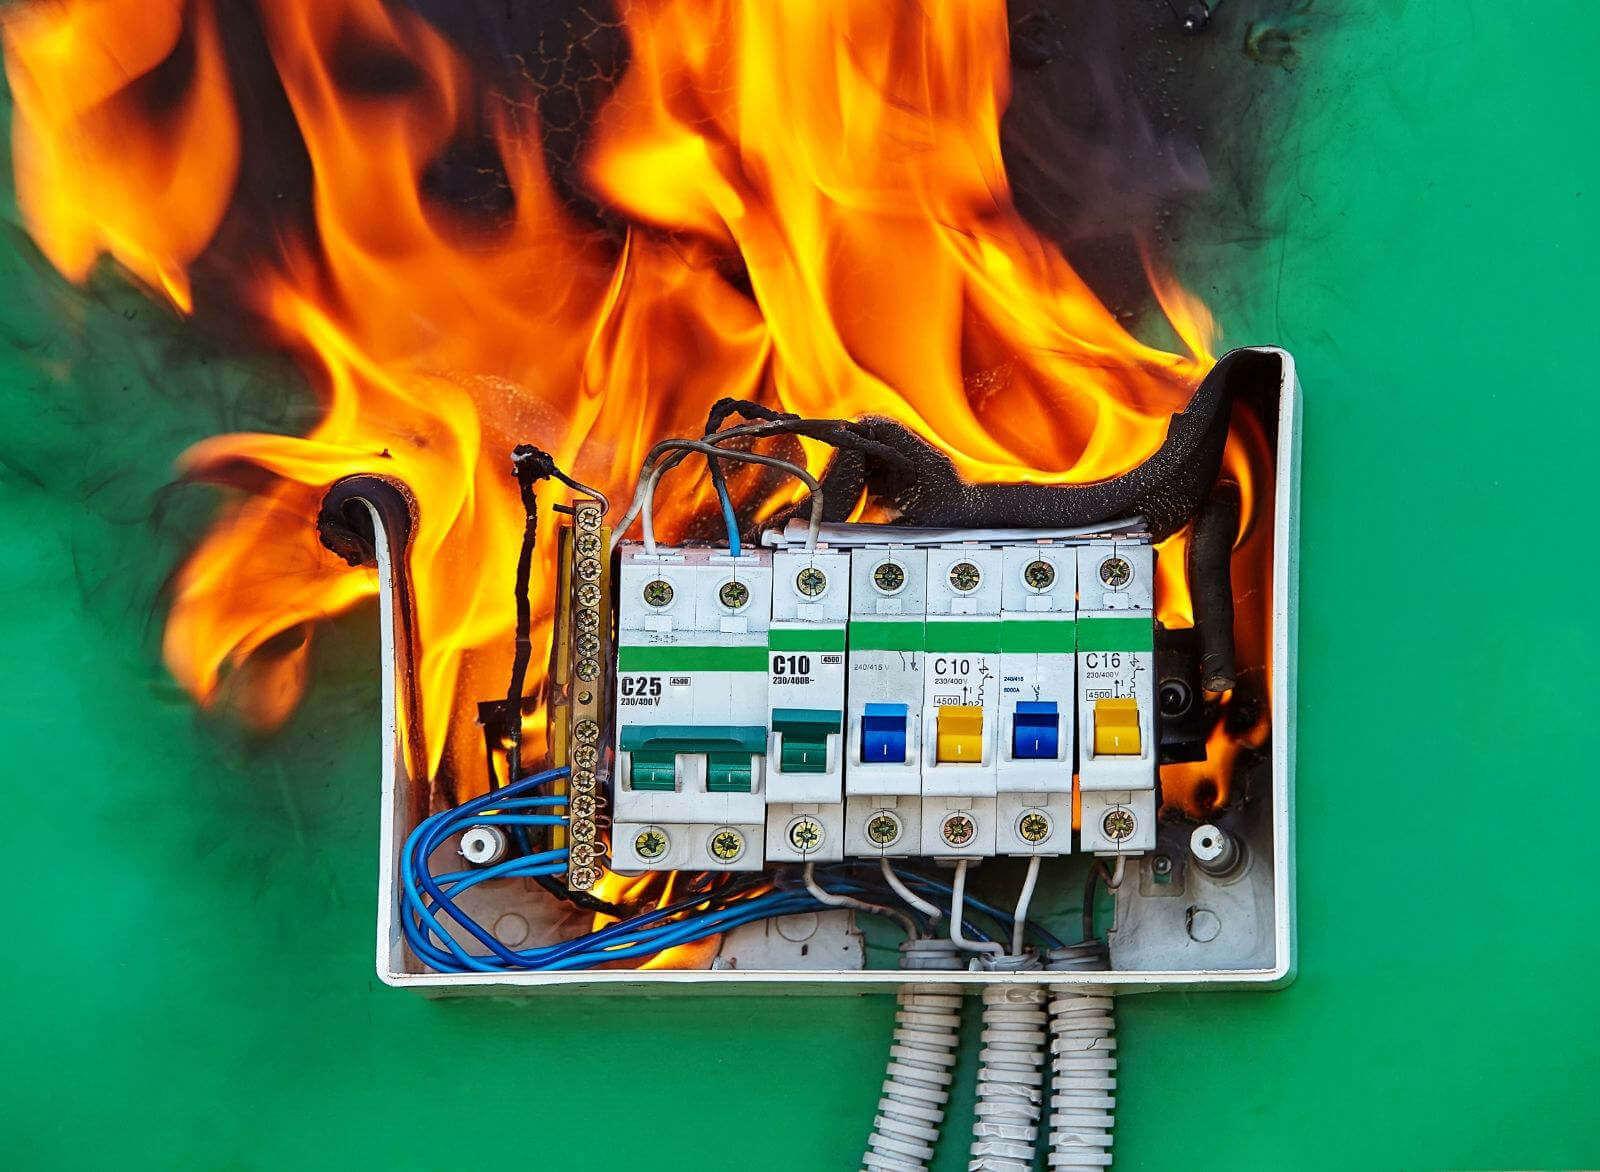 fire distro box